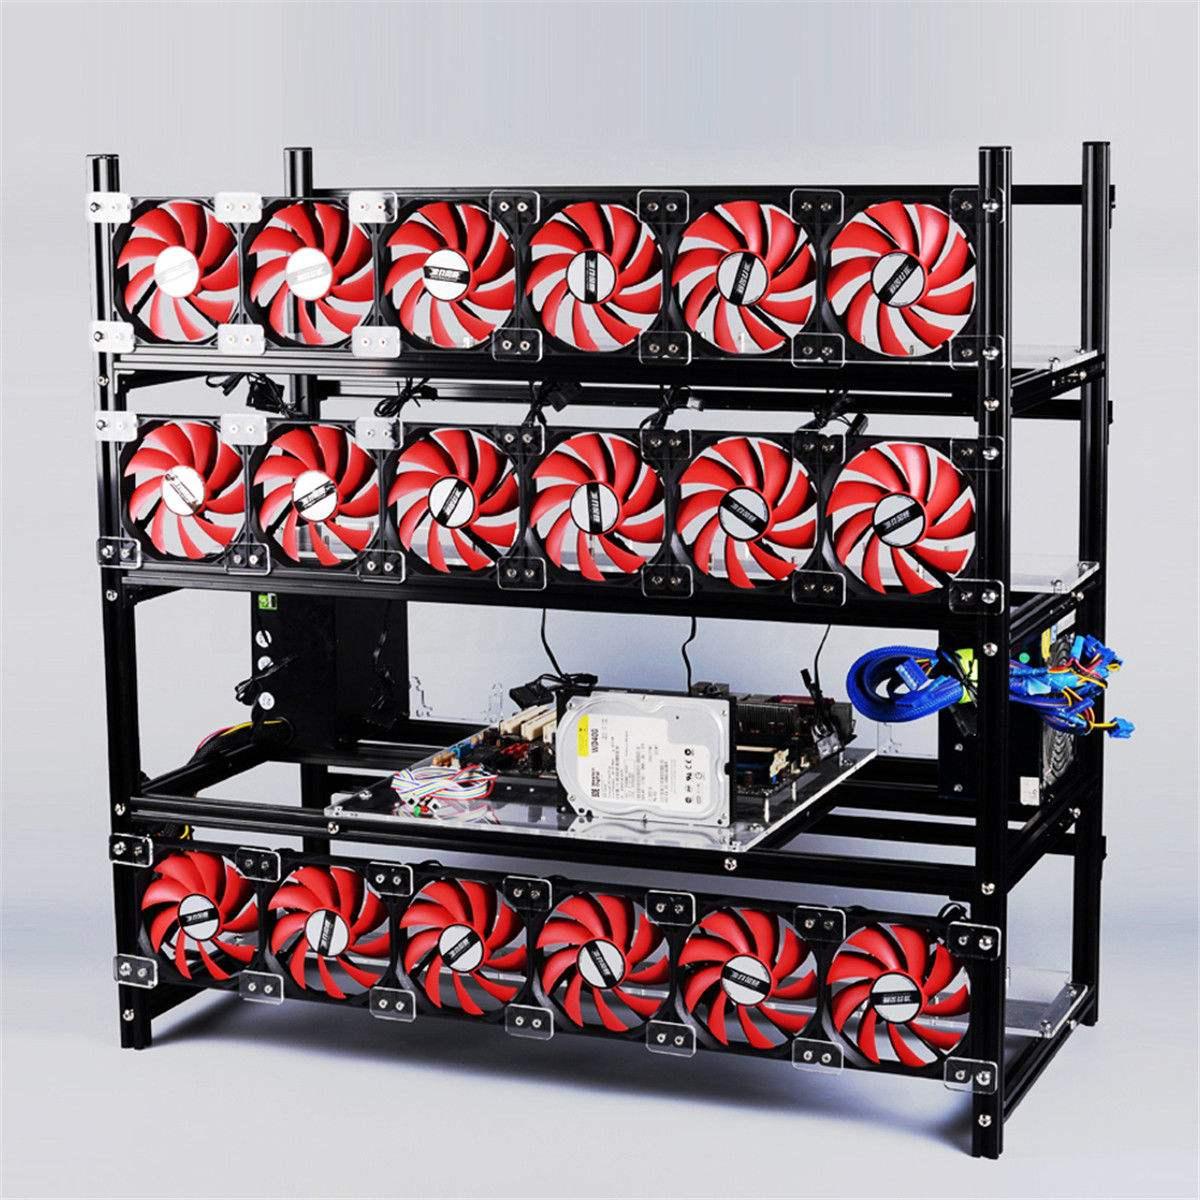 Argento Mining Rig Caso di Alluminio Impilabile Telaio All'aria Aperta ETH/ZEC/Bitcoin Tenere 19 Gpu Supporta 18 Fan